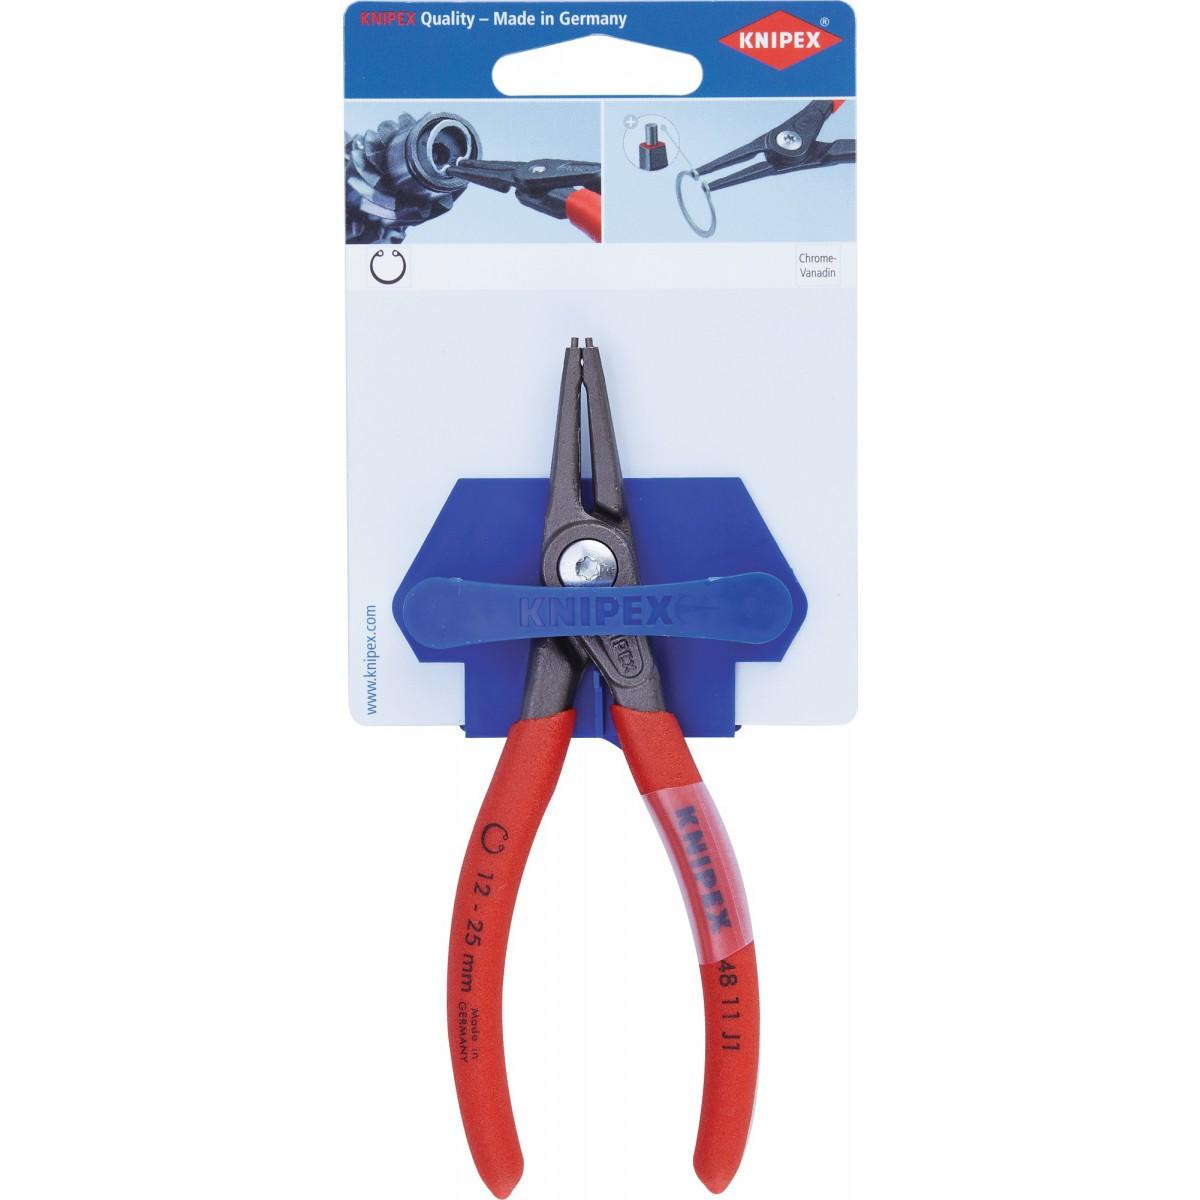 Pince de précision pour circlips - Capacité diamètre 12-25 mm -  Knipex